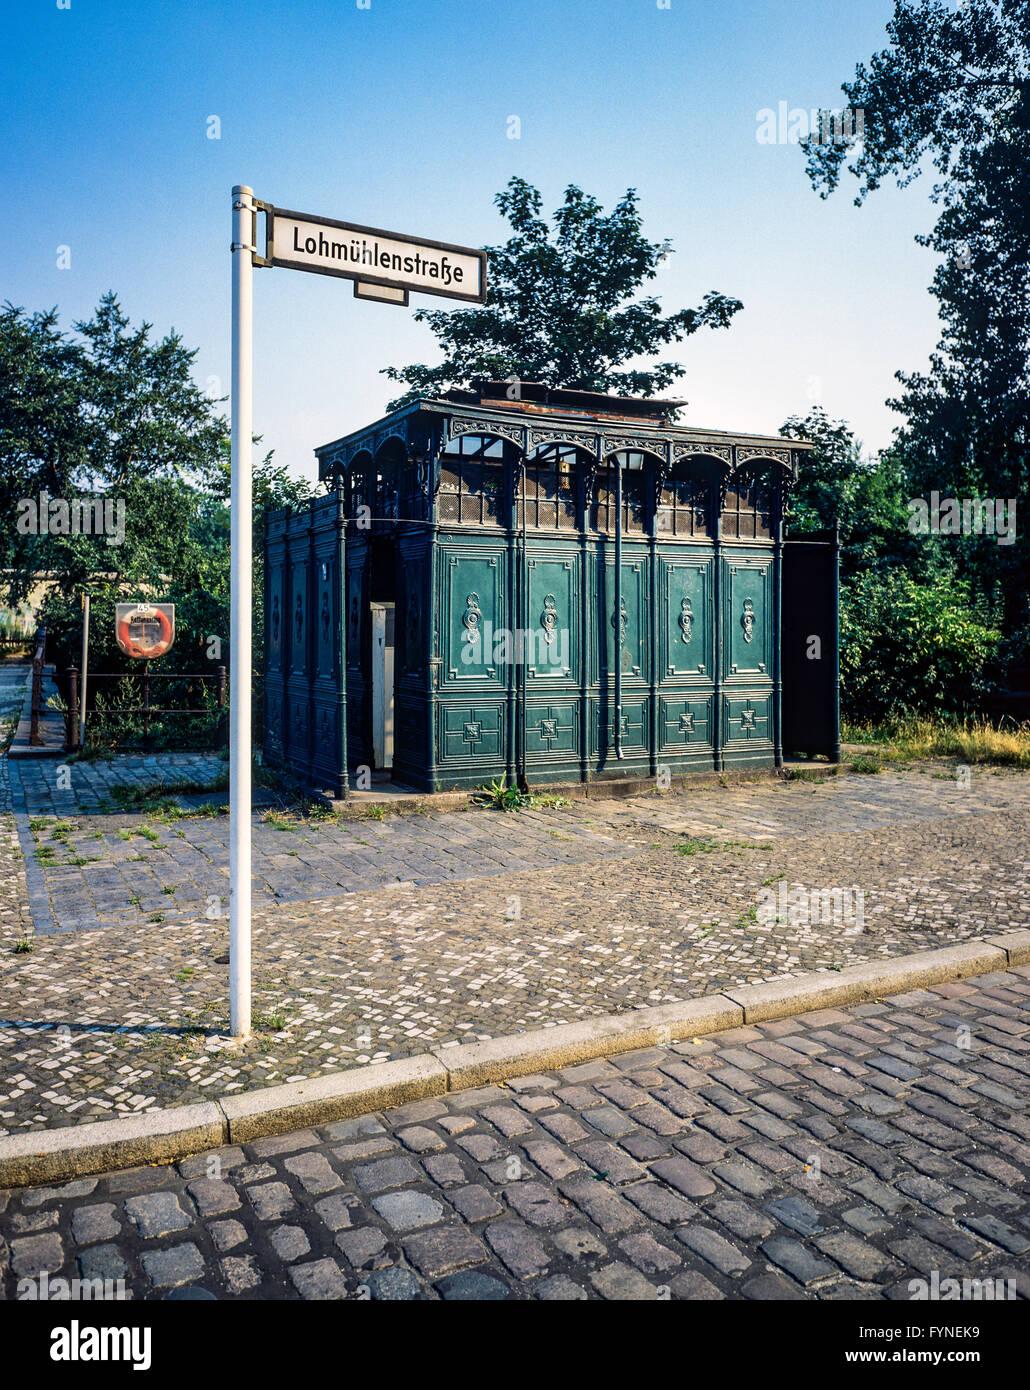 Agosto 1986, antica wc pubblico 1899, Lohmühlenstrasse strada segno, Treptow, Berlino Ovest lato, Germania, Immagini Stock